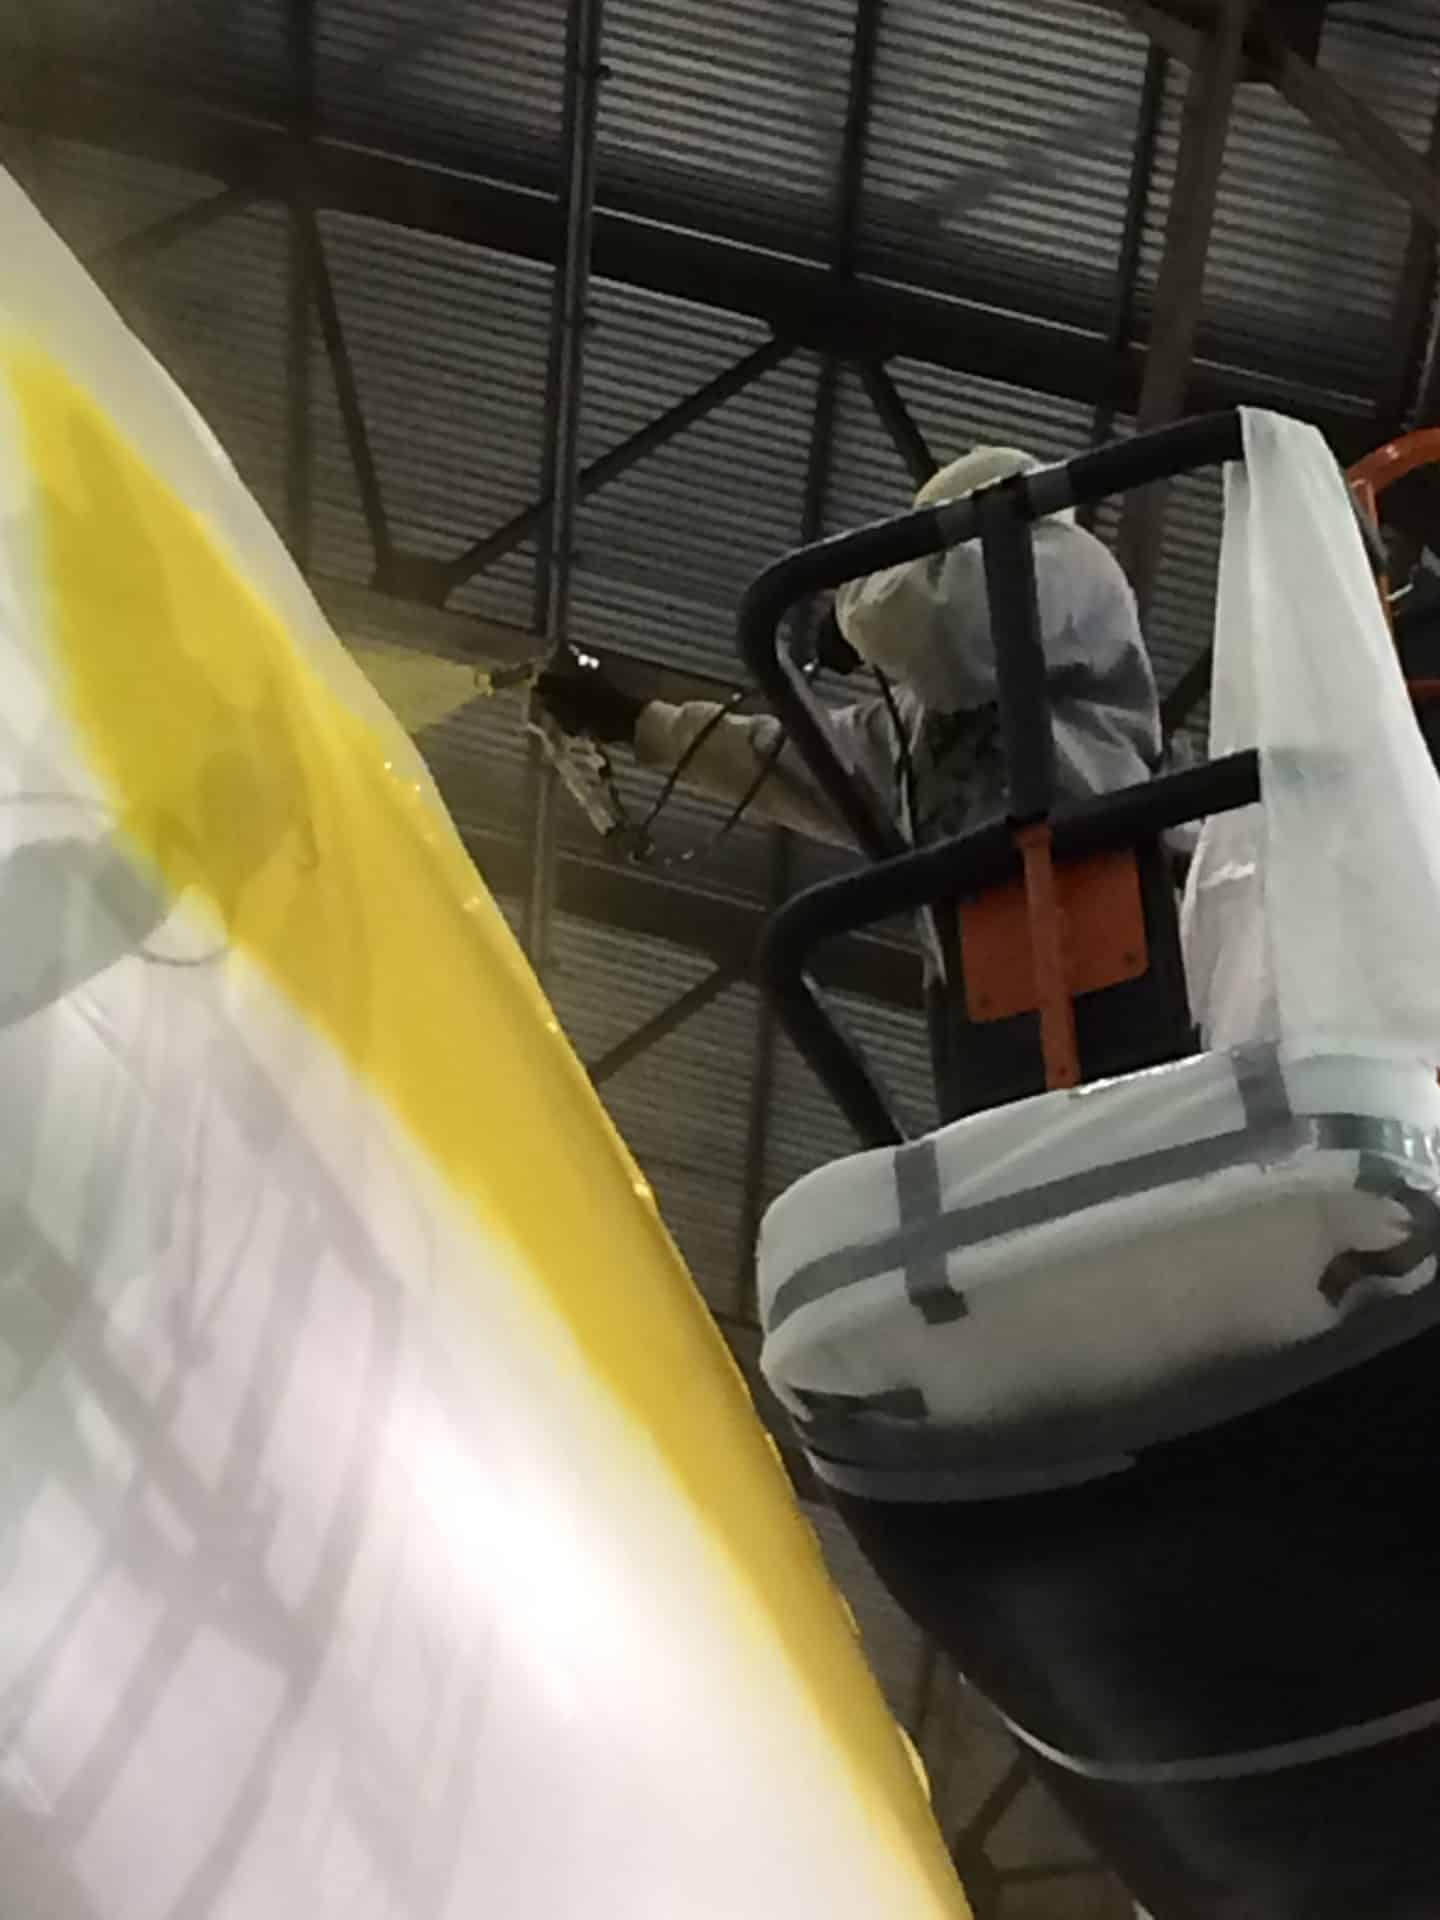 Airship Blimp - THOMARIOS